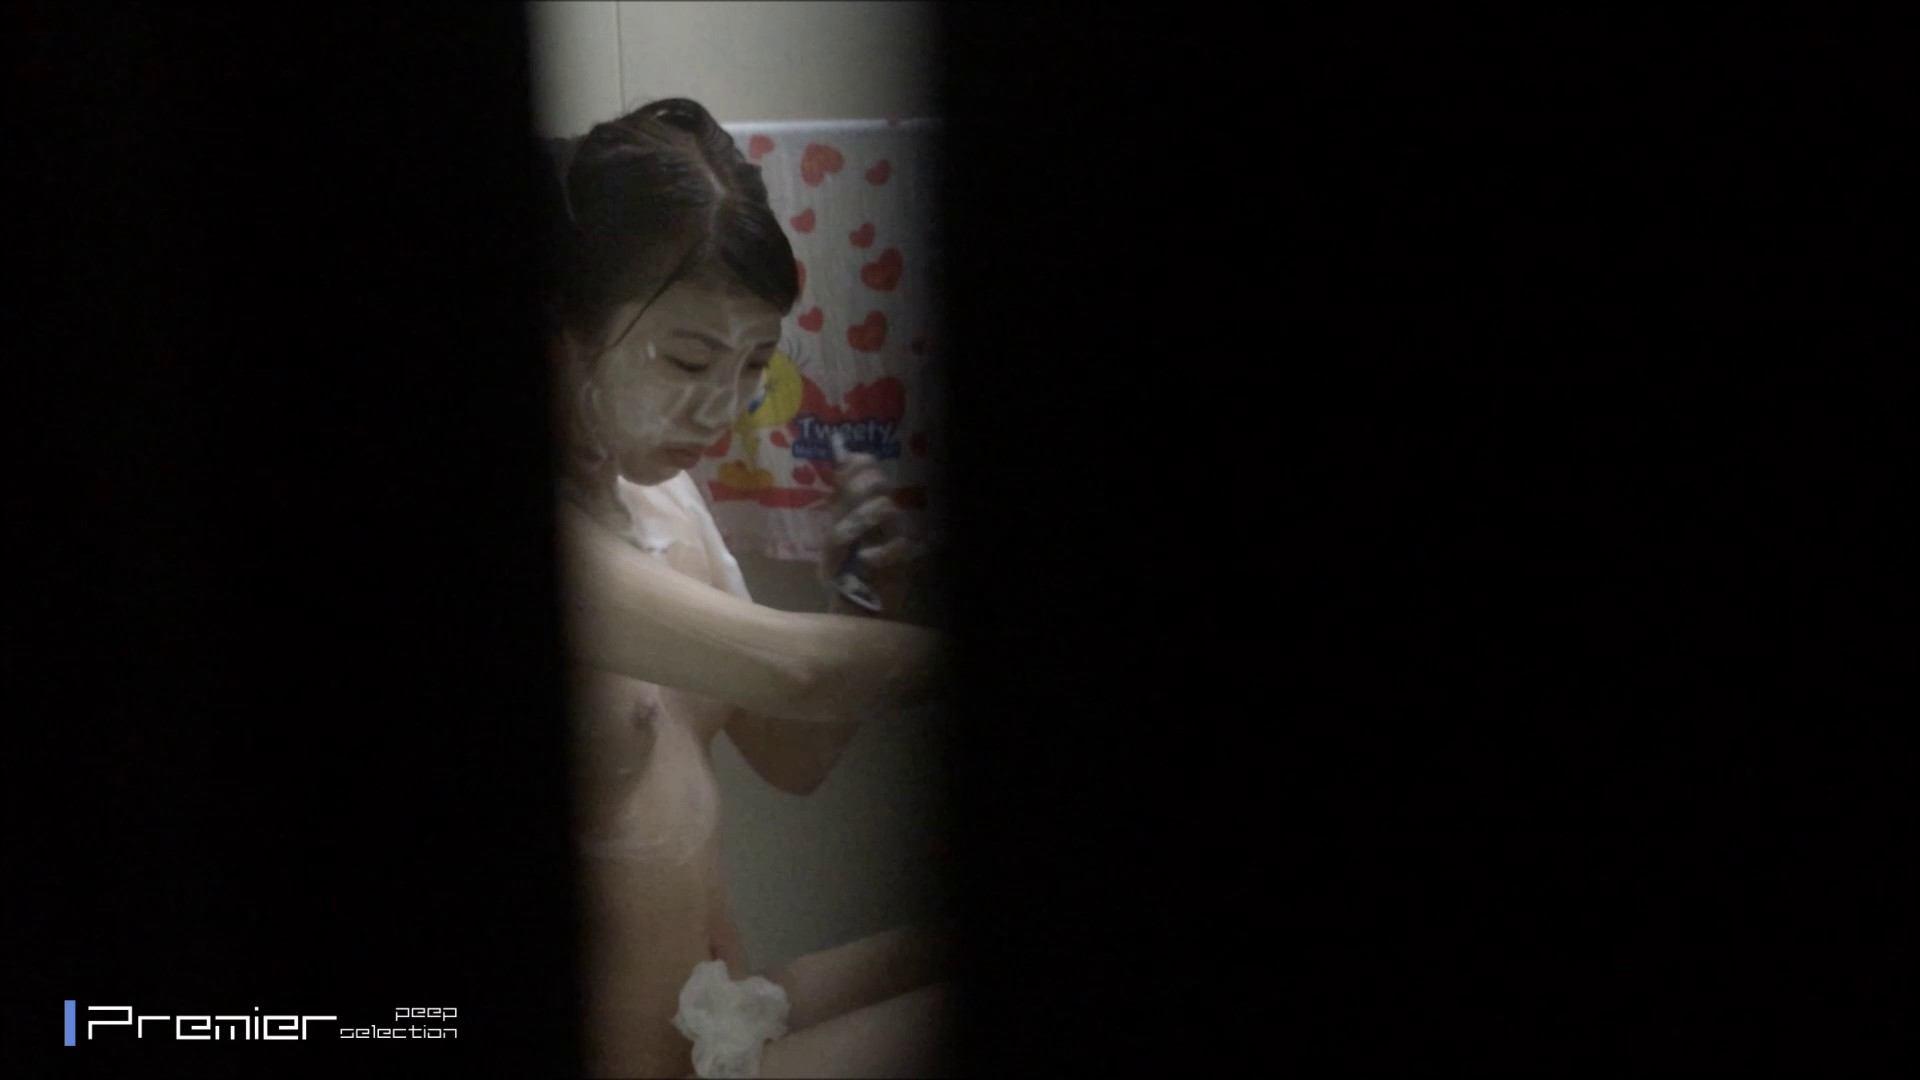 笑顔のスポーツ美女 乙女の風呂場 Vol.23 桃色乳首 SEX無修正画像 98枚 88